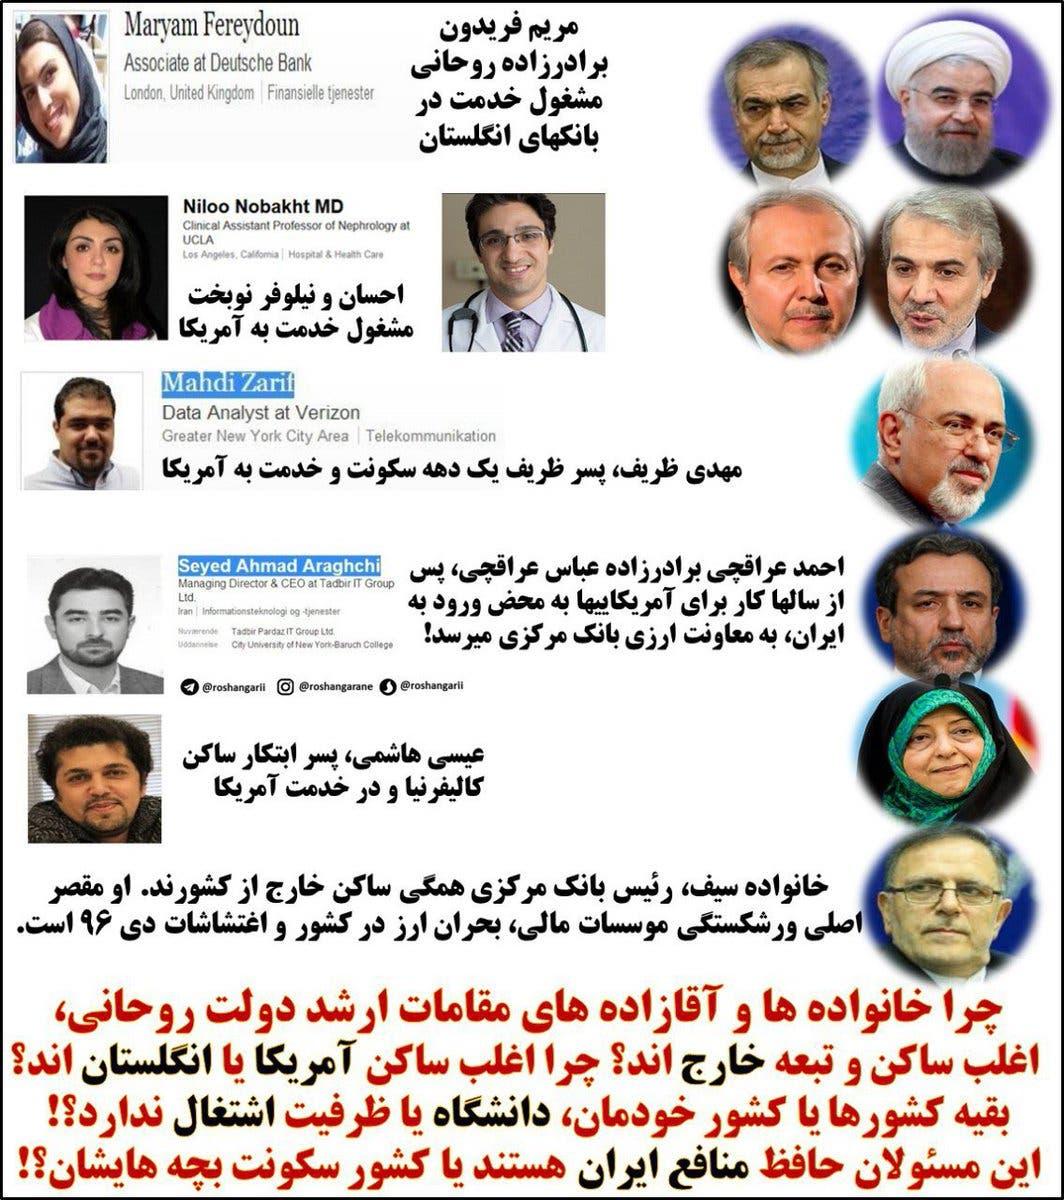 ناشطون رصدوا عددا من أبناء مسؤولي النظام الإيراني الذين يعيشون بأميركا